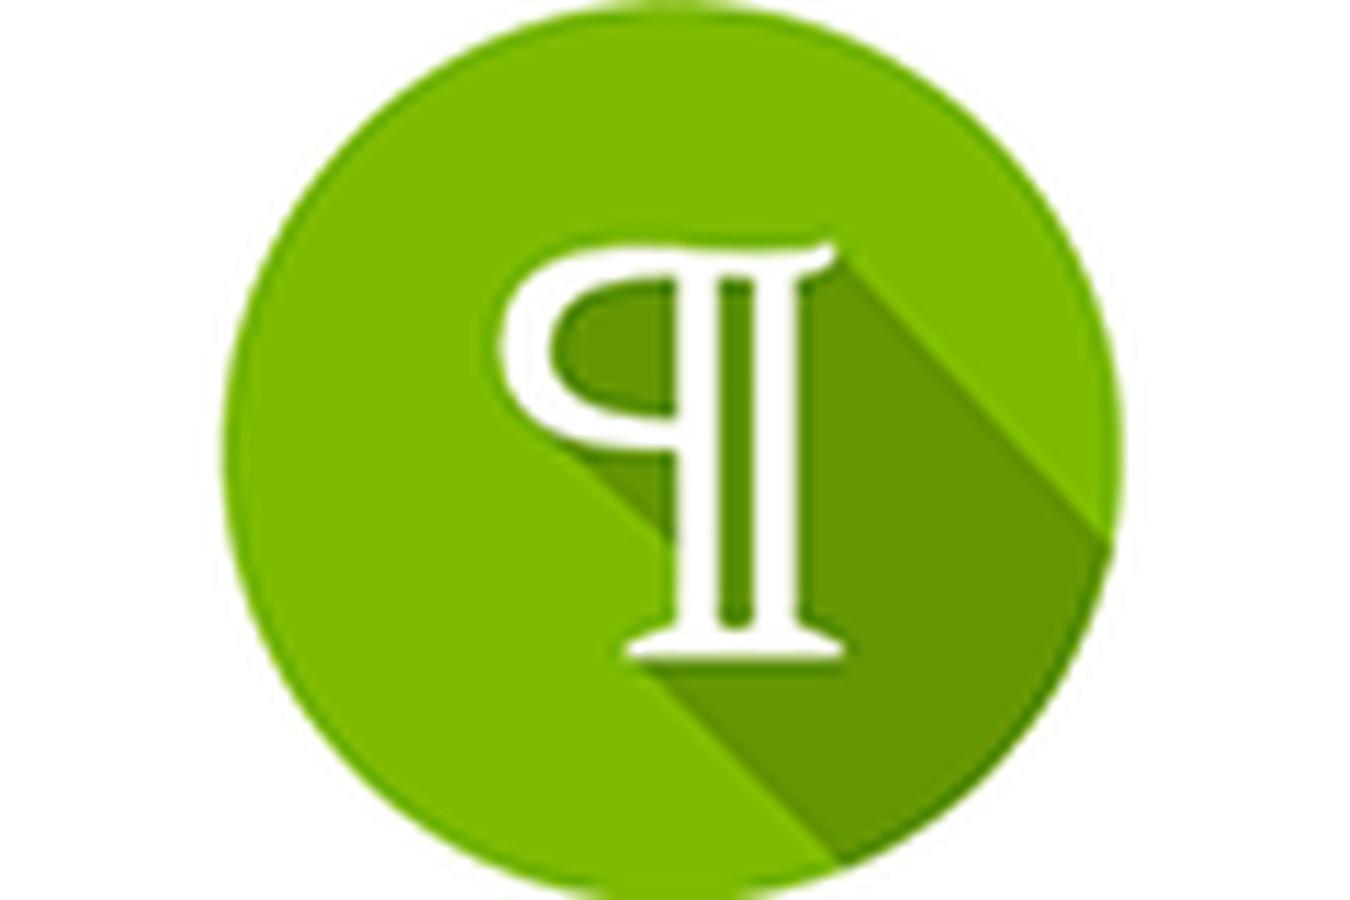 """MB """"Galerita"""" vertimų biuras siūlo stilistinio redagavimo paslaugą. Stilistinio redagavimo metu tekstas patikrinamas pagal rašybos, skyrybos, stiliaus bei kompiuterinio raštingumo taisykles. Jei redaguojamas vertimas - taip pat patikrinama ar mintys išdėstytos atliktame vertime atitinka mintis originalia kalba. Stilistinis redagavimas atliekamas tik gimtakalbio specialisto. Jei redaguojamas techninis tekstas - tos srities specialistas taip pat patikrina ir taikomų terminų tikslumą."""